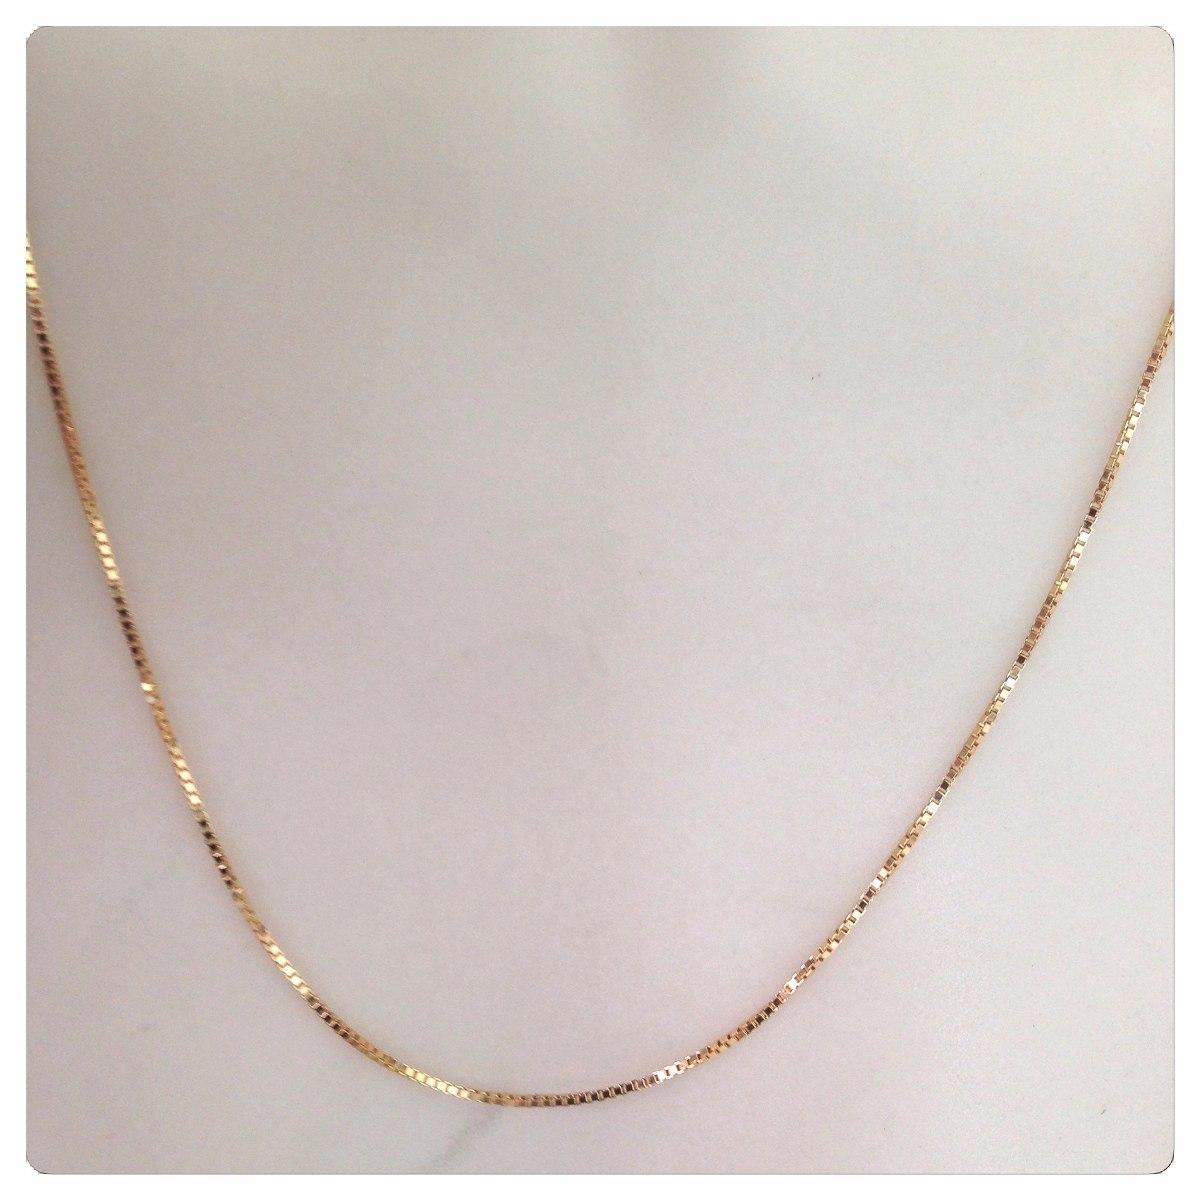 corrente cordão masculino veneziana 60 cm de ouro 18k maciço. Carregando  zoom. 6a8c658b9d